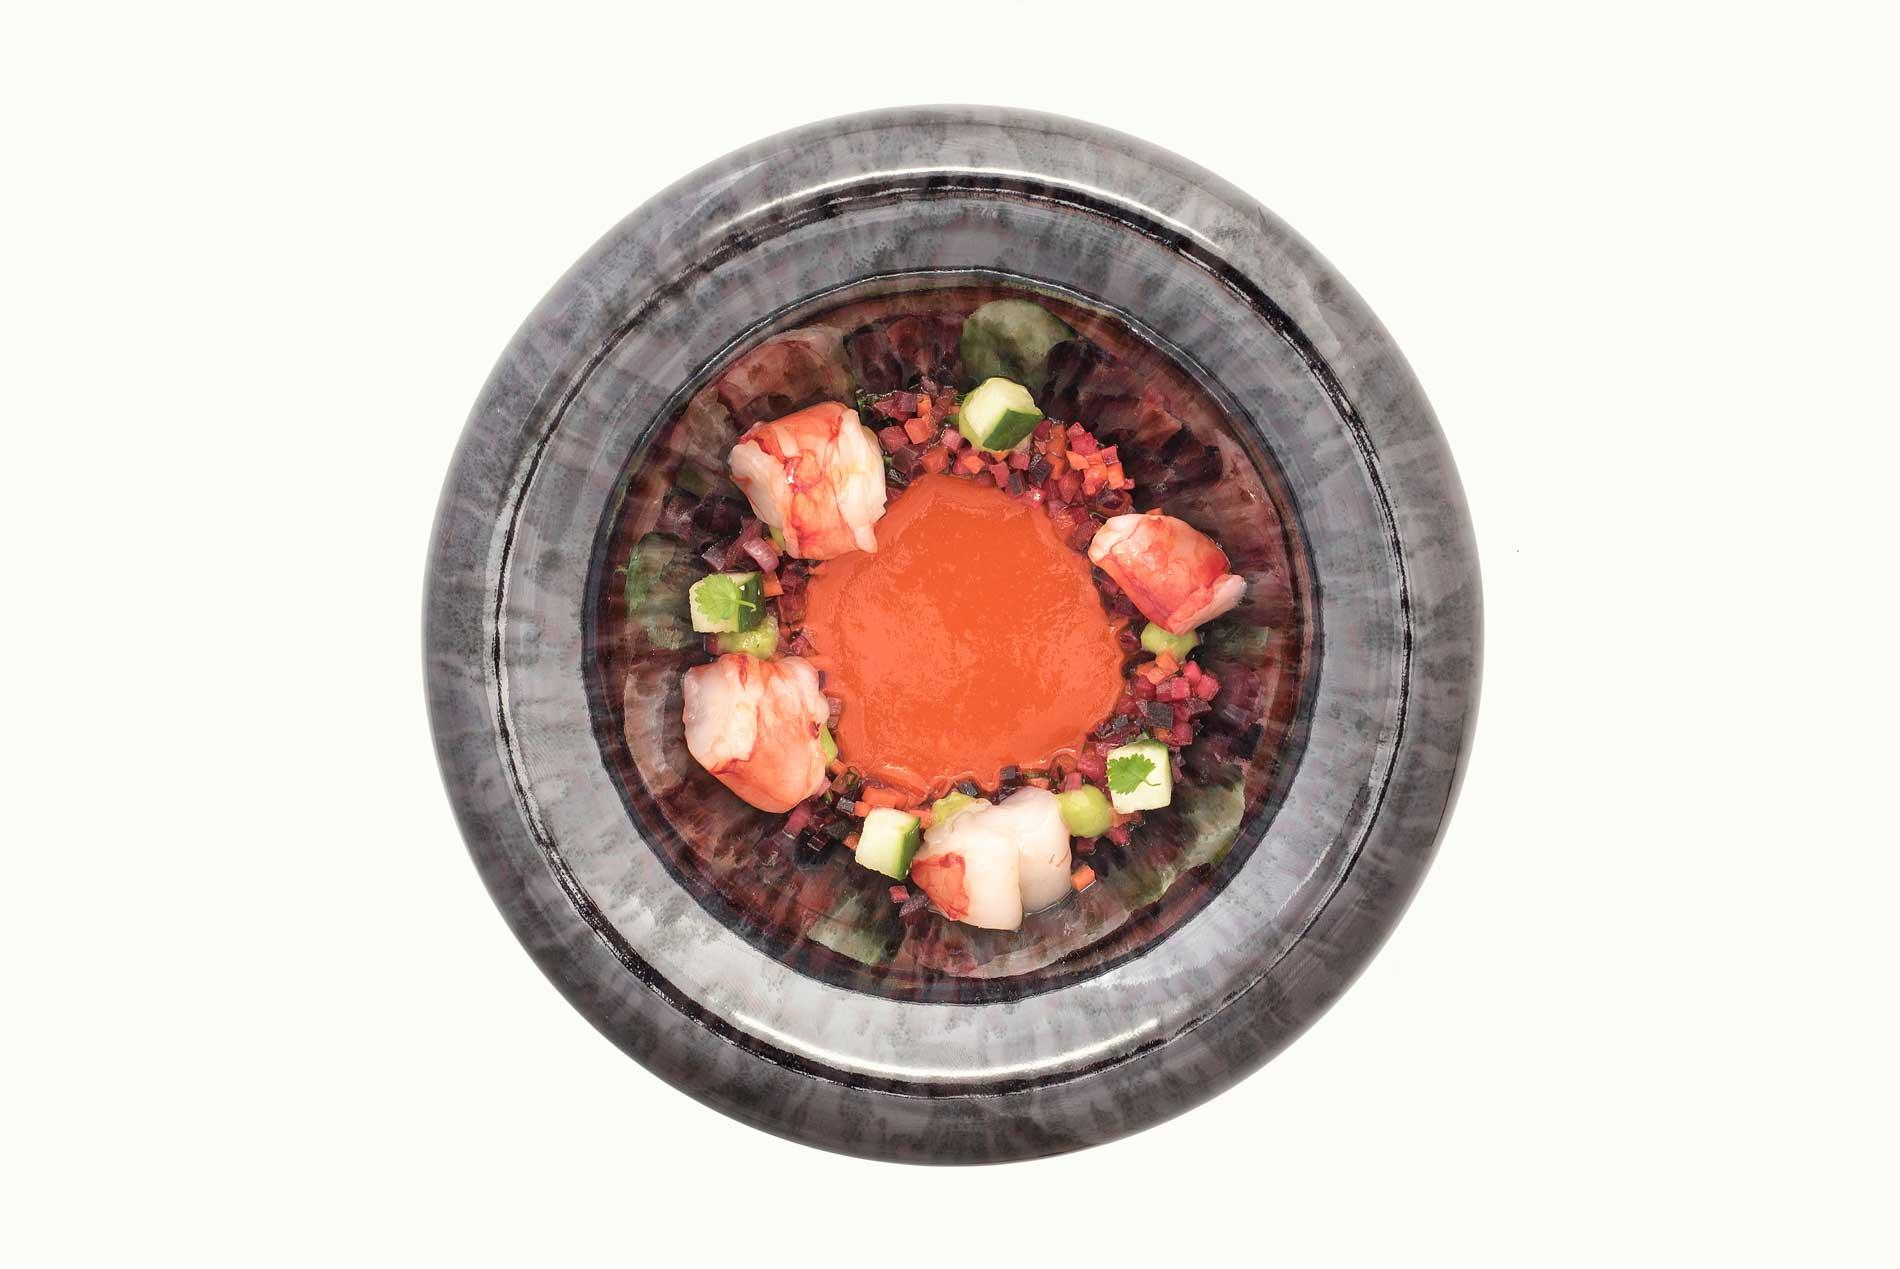 Agenda gastronómica de Madrid (del 20 al 26 Abril)